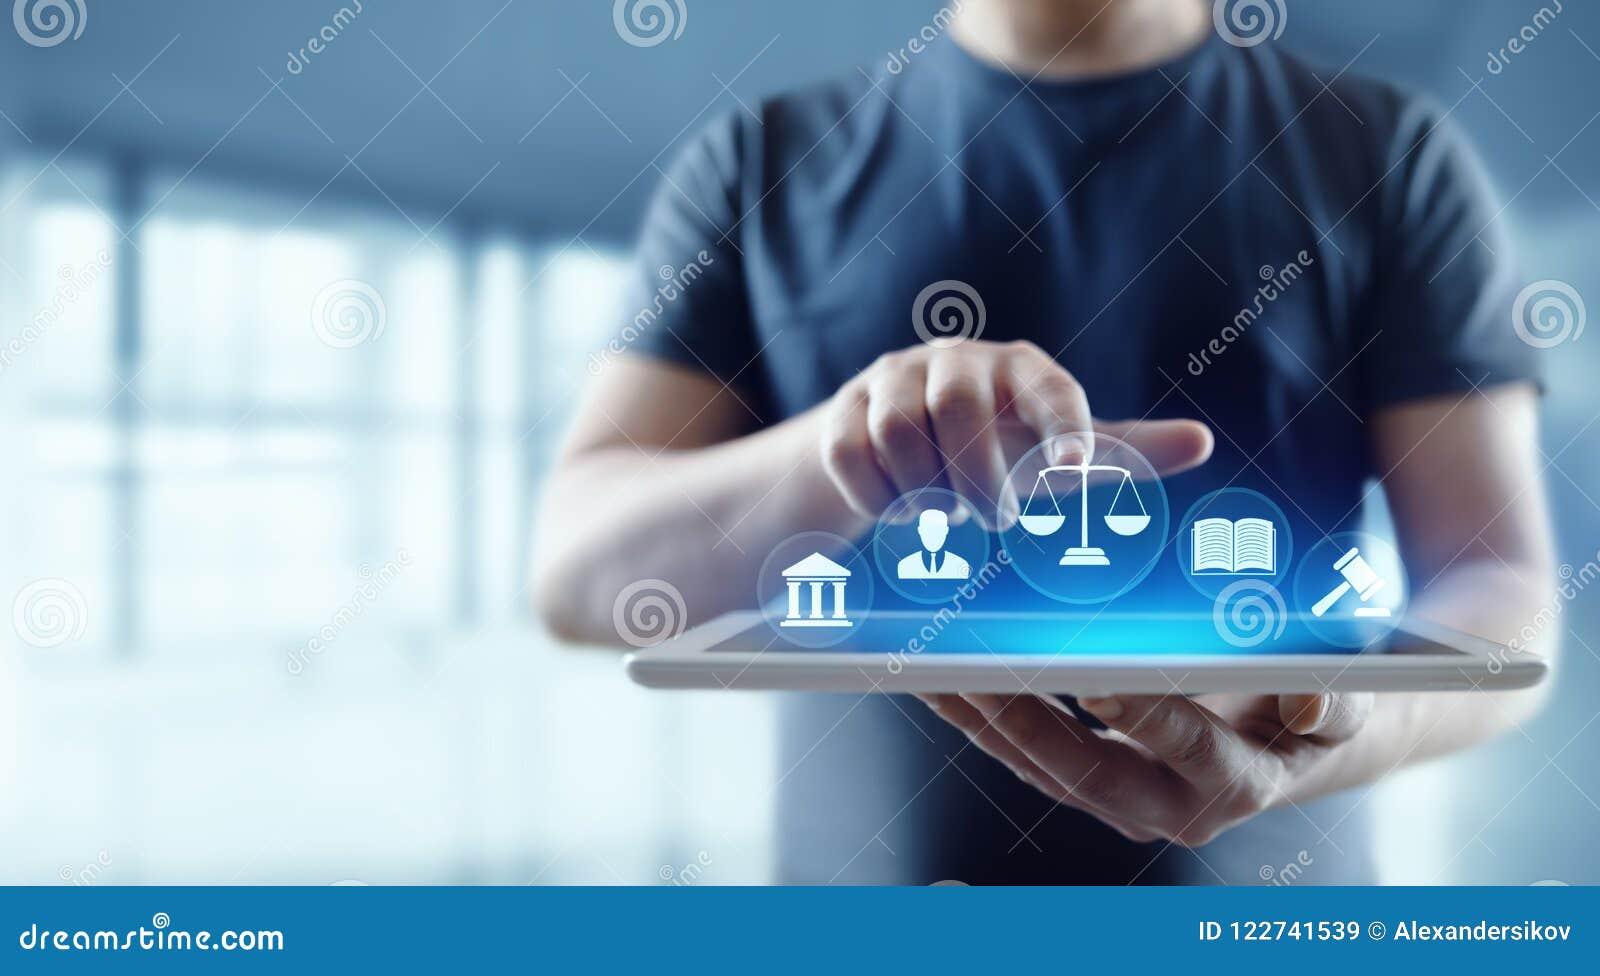 De Technologieconcept van Legal Business Internet van de Arbeidsrechtadvocaat